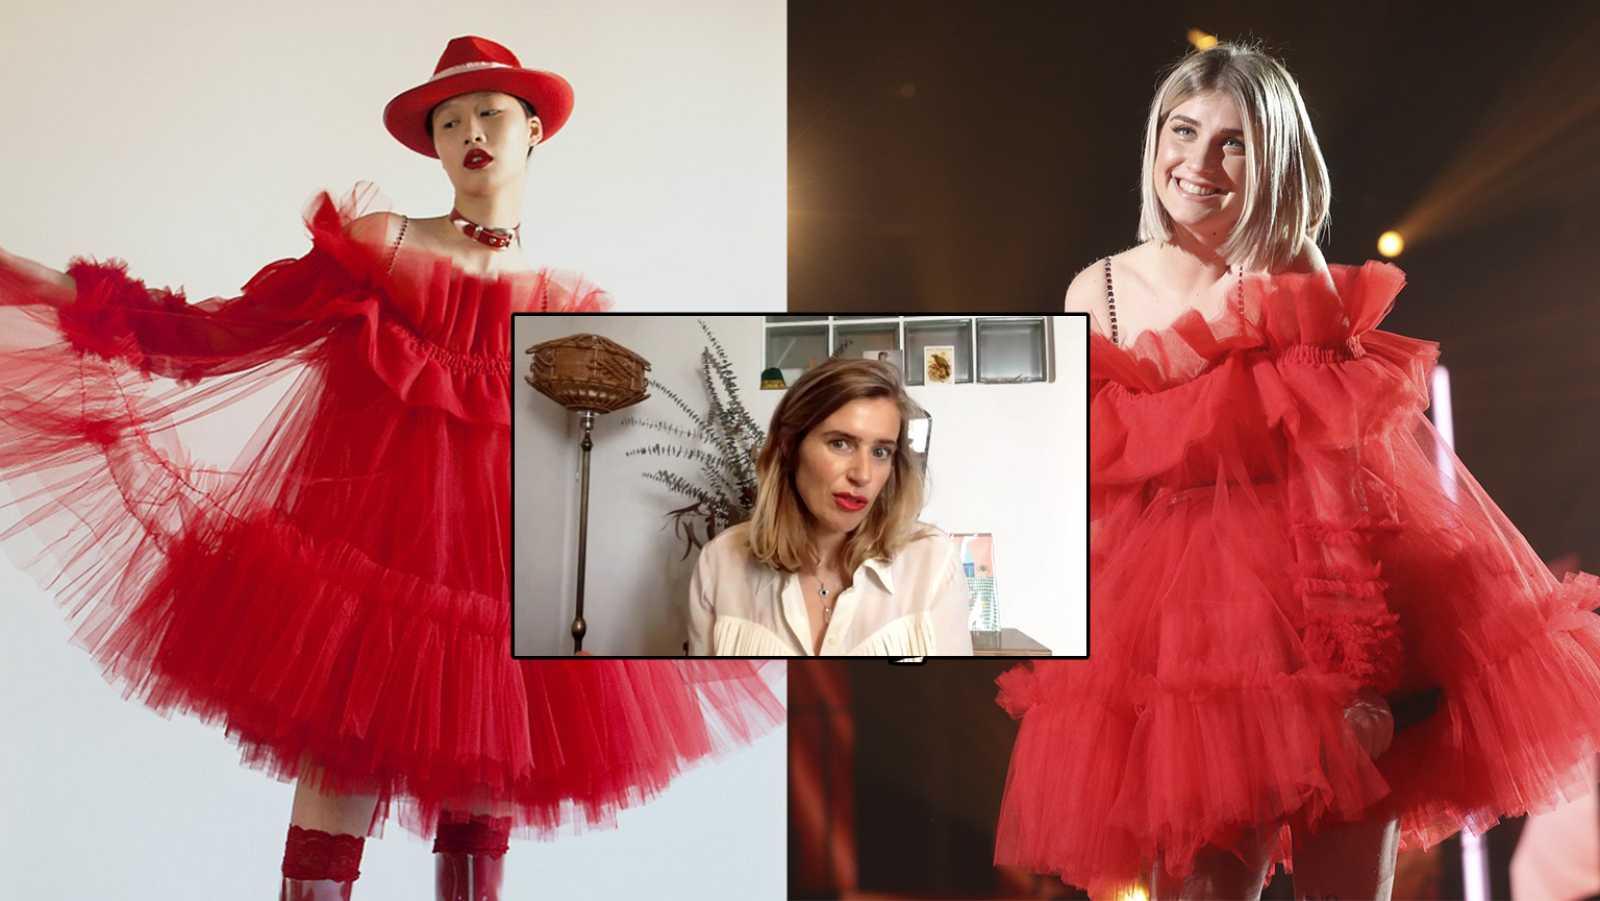 Comentamos los mejores looks de OT 2020 con la estilista del concurso